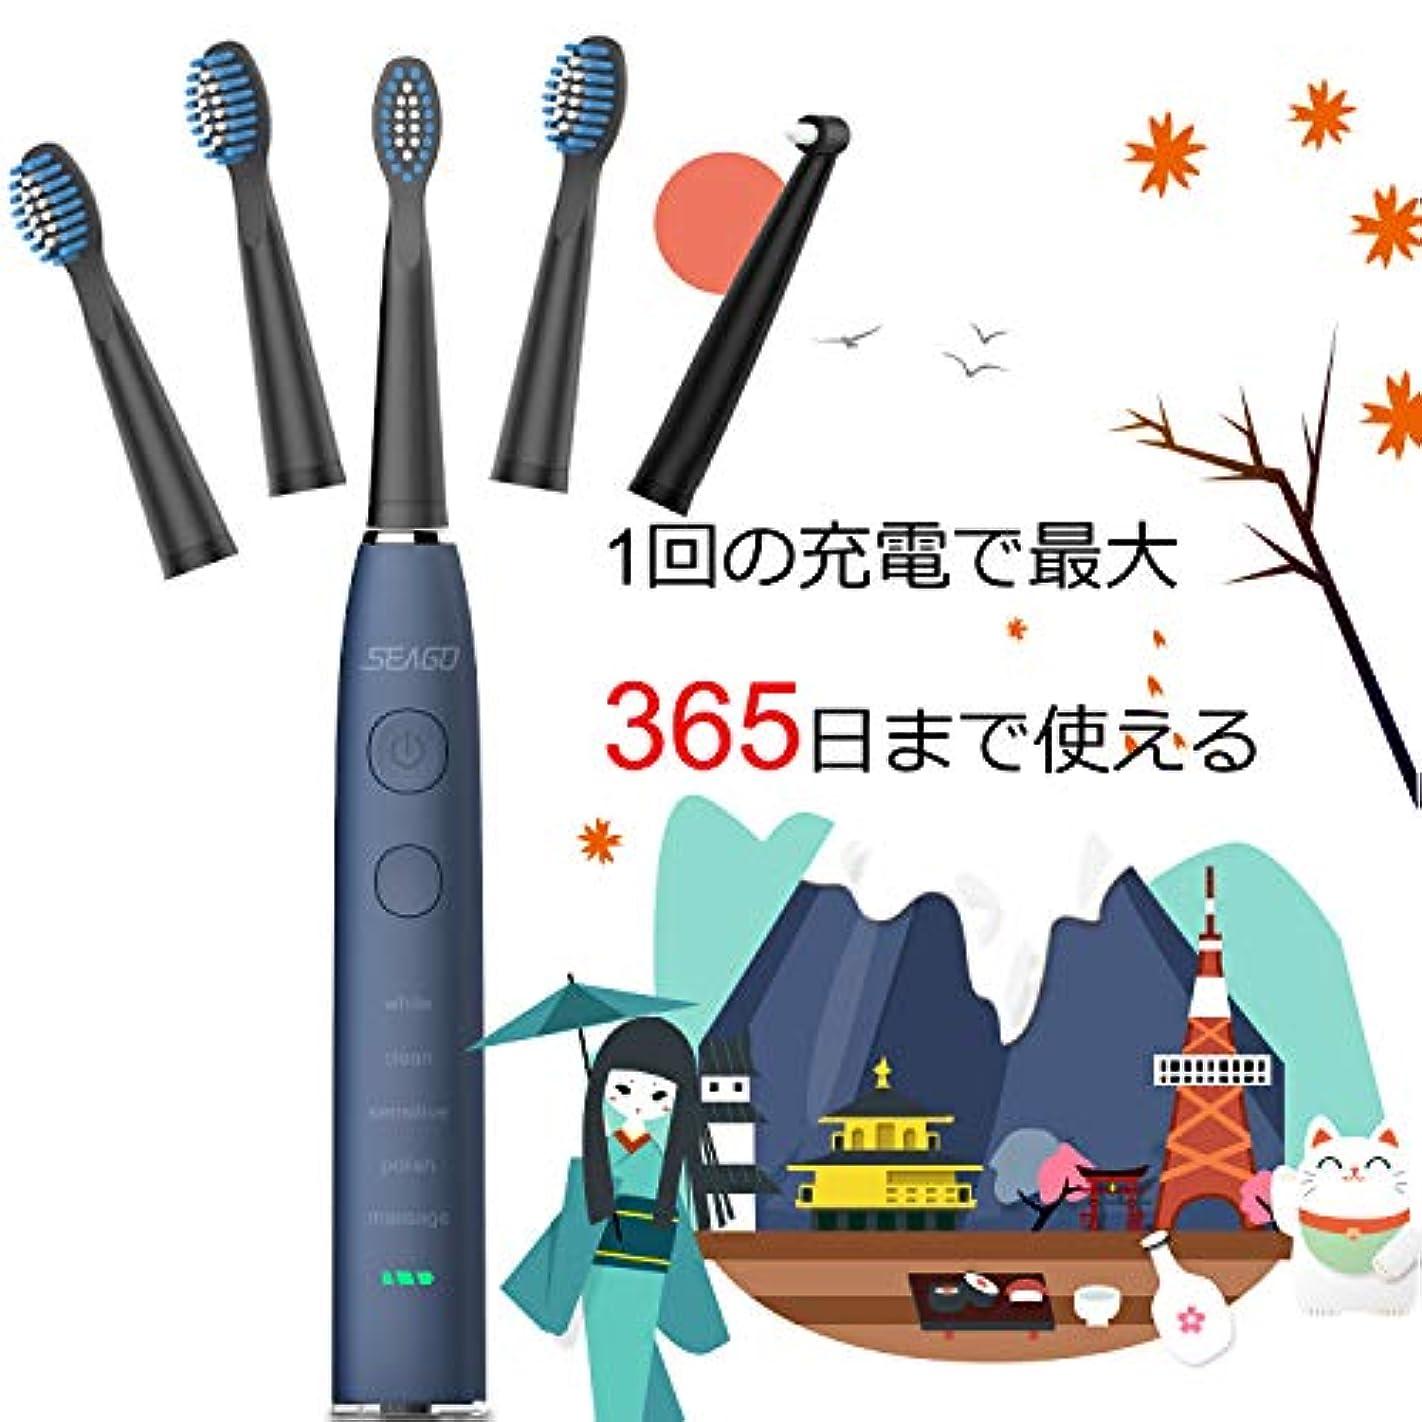 気楽な聖書避難する電動歯ブラシ 歯ブラシ seago 音波歯ブラシ USB充電式8時間 365日に使用 IPX7防水 五つモードと2分オートタイマー機能搭載 替えブラシ5本 12ヶ月メーカー保証 SG-575(ブルー)